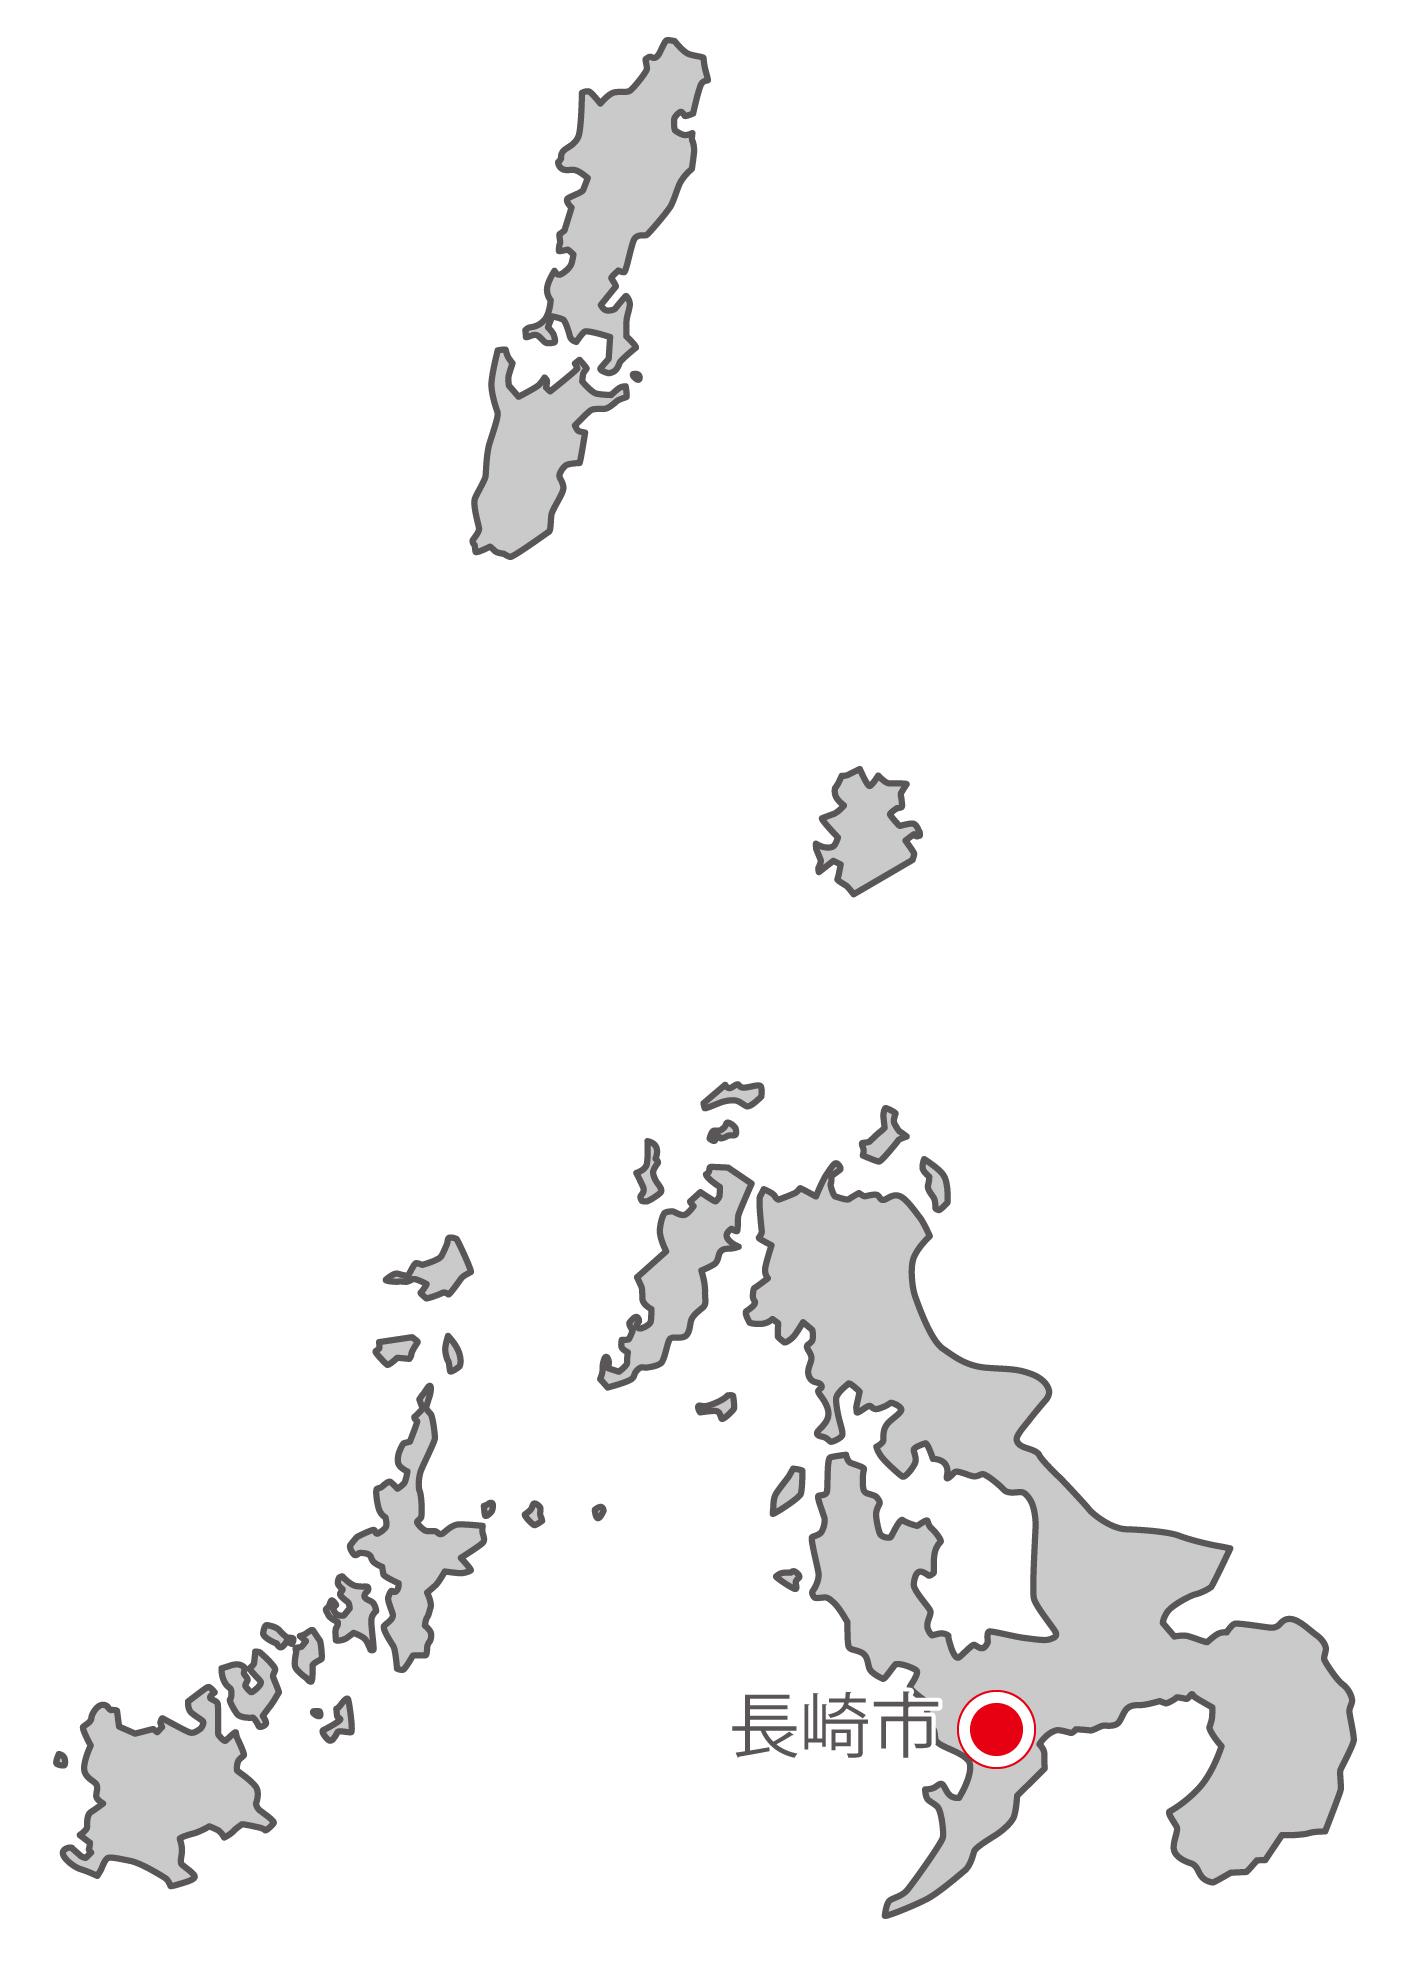 長崎県無料フリーイラスト|日本語・県庁所在地あり(グレー)